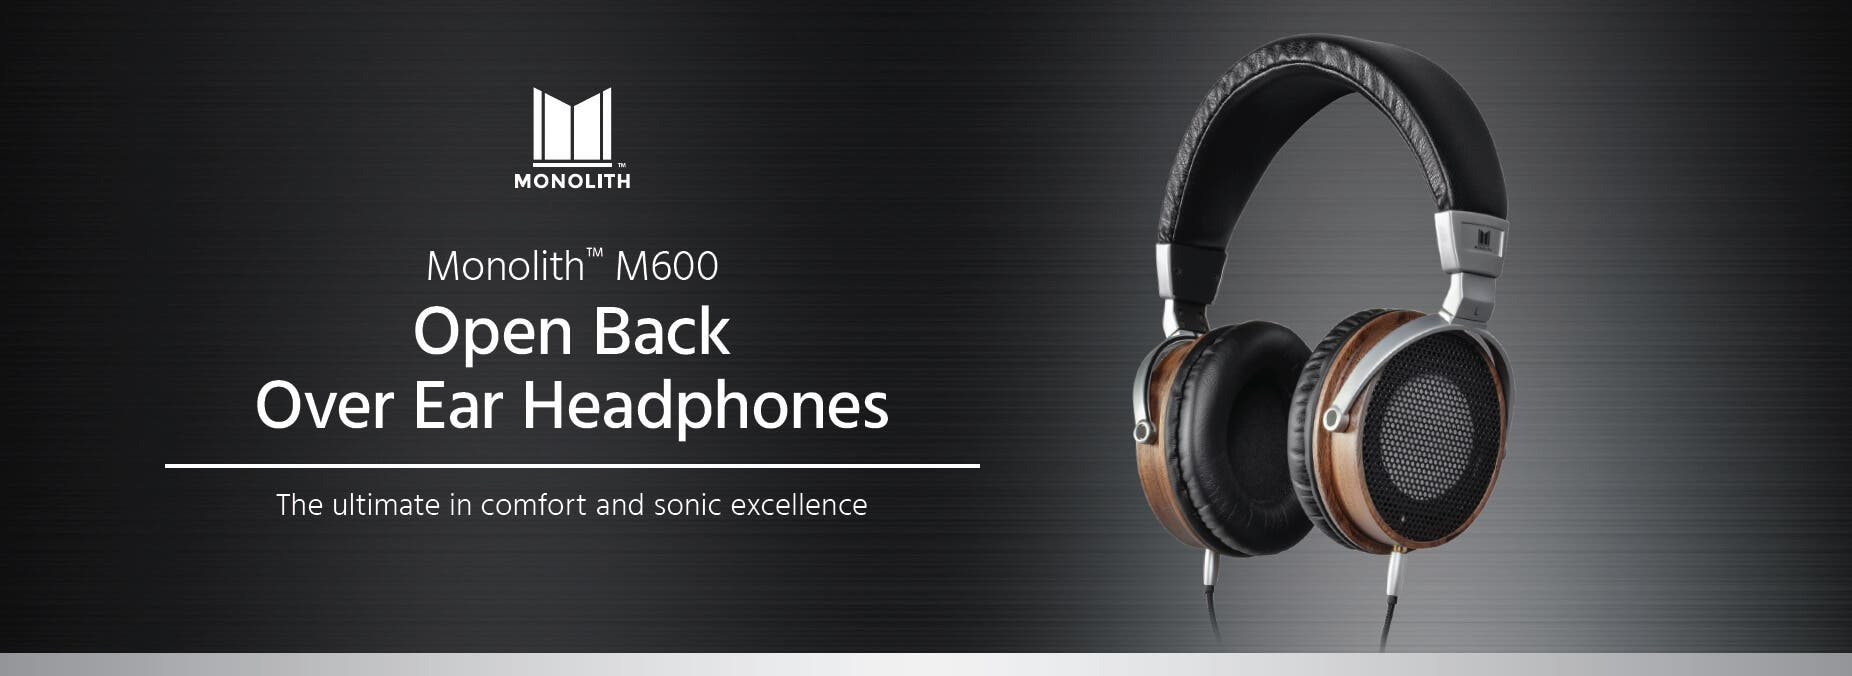 M600 Headphones